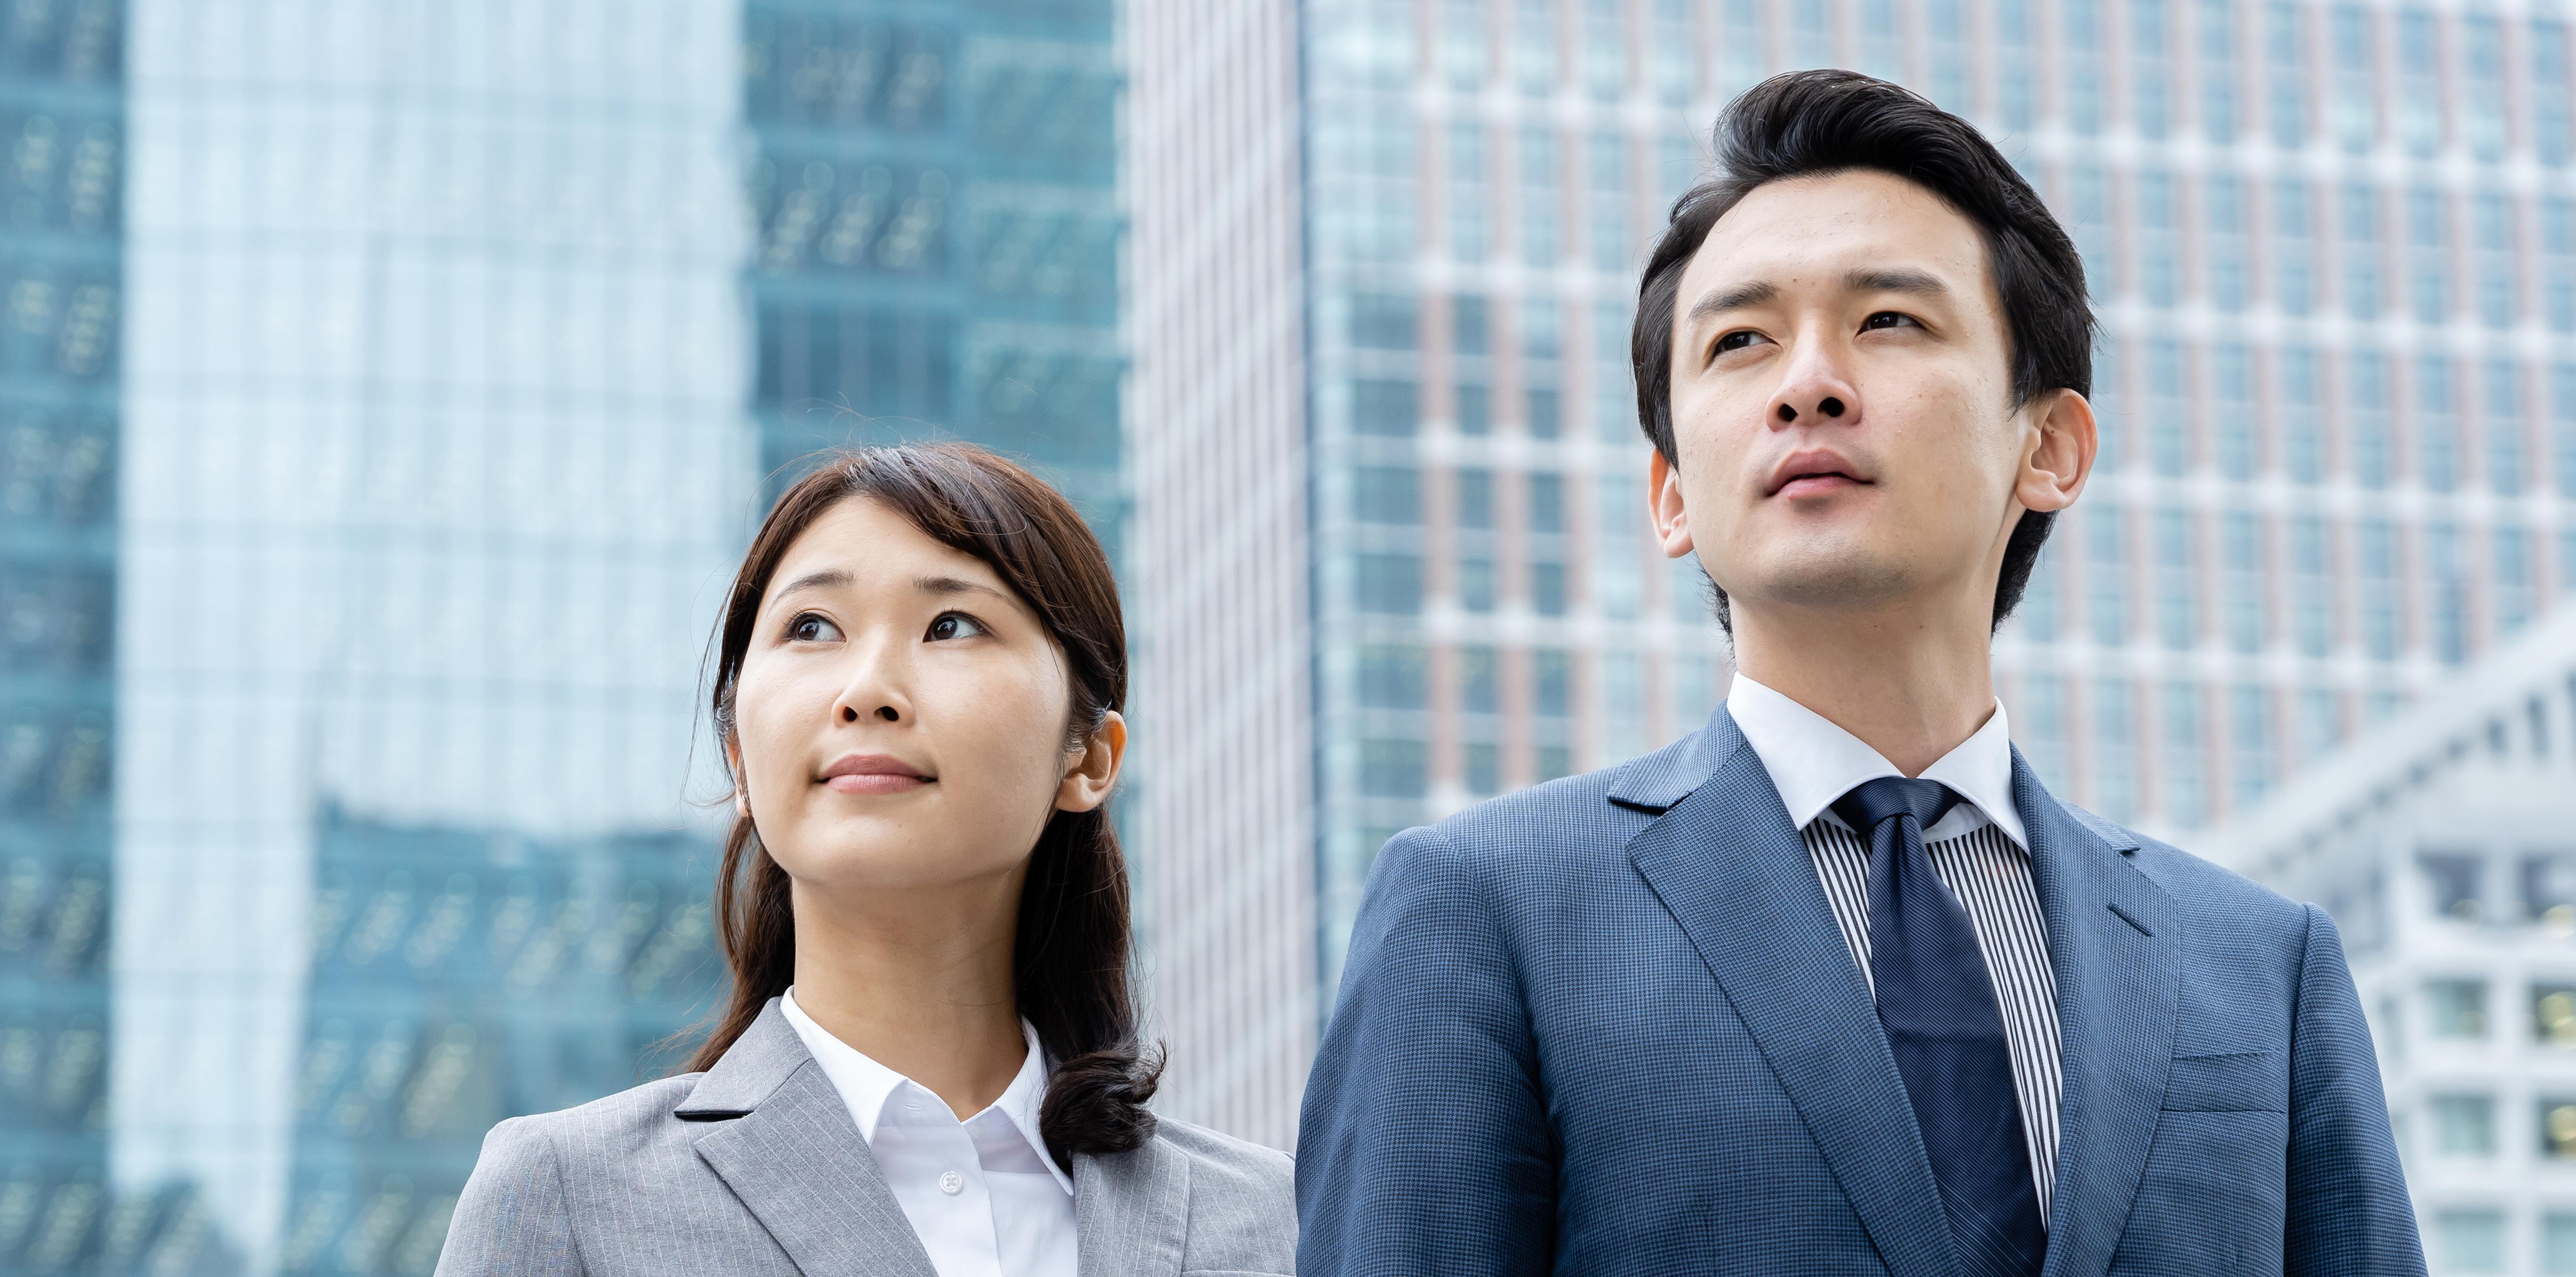 【必読】転職3回で本当に役にたったおすすめ転職エージェントと転職サイト10選